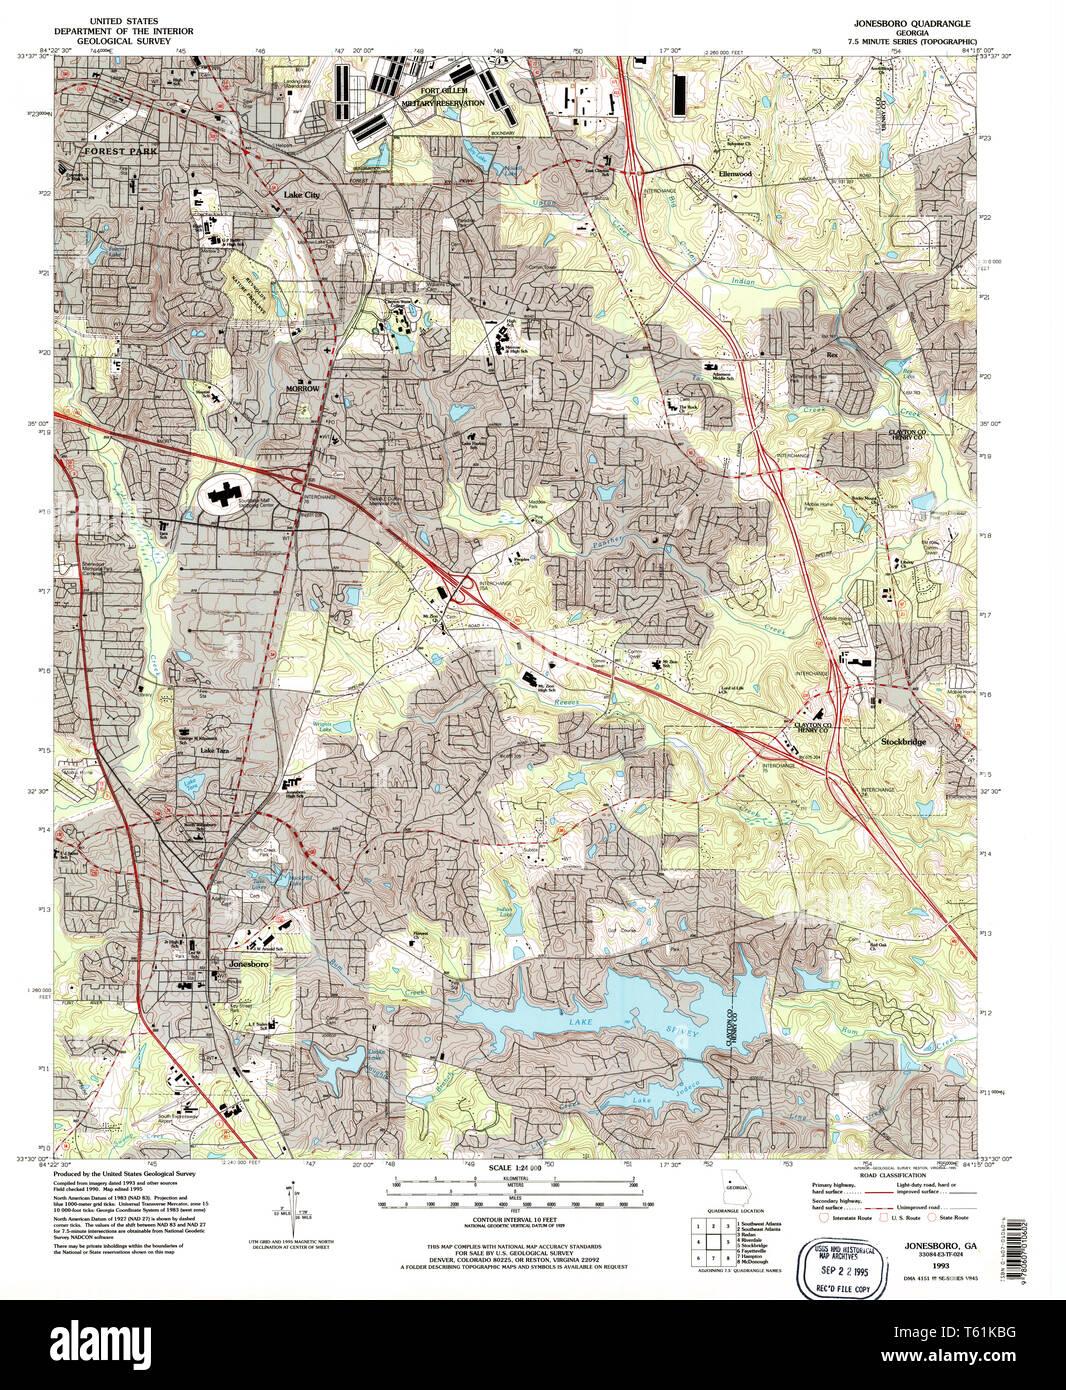 Map Of Jonesboro Georgia.Jonesboro Georgia Stock Photos Jonesboro Georgia Stock Images Alamy